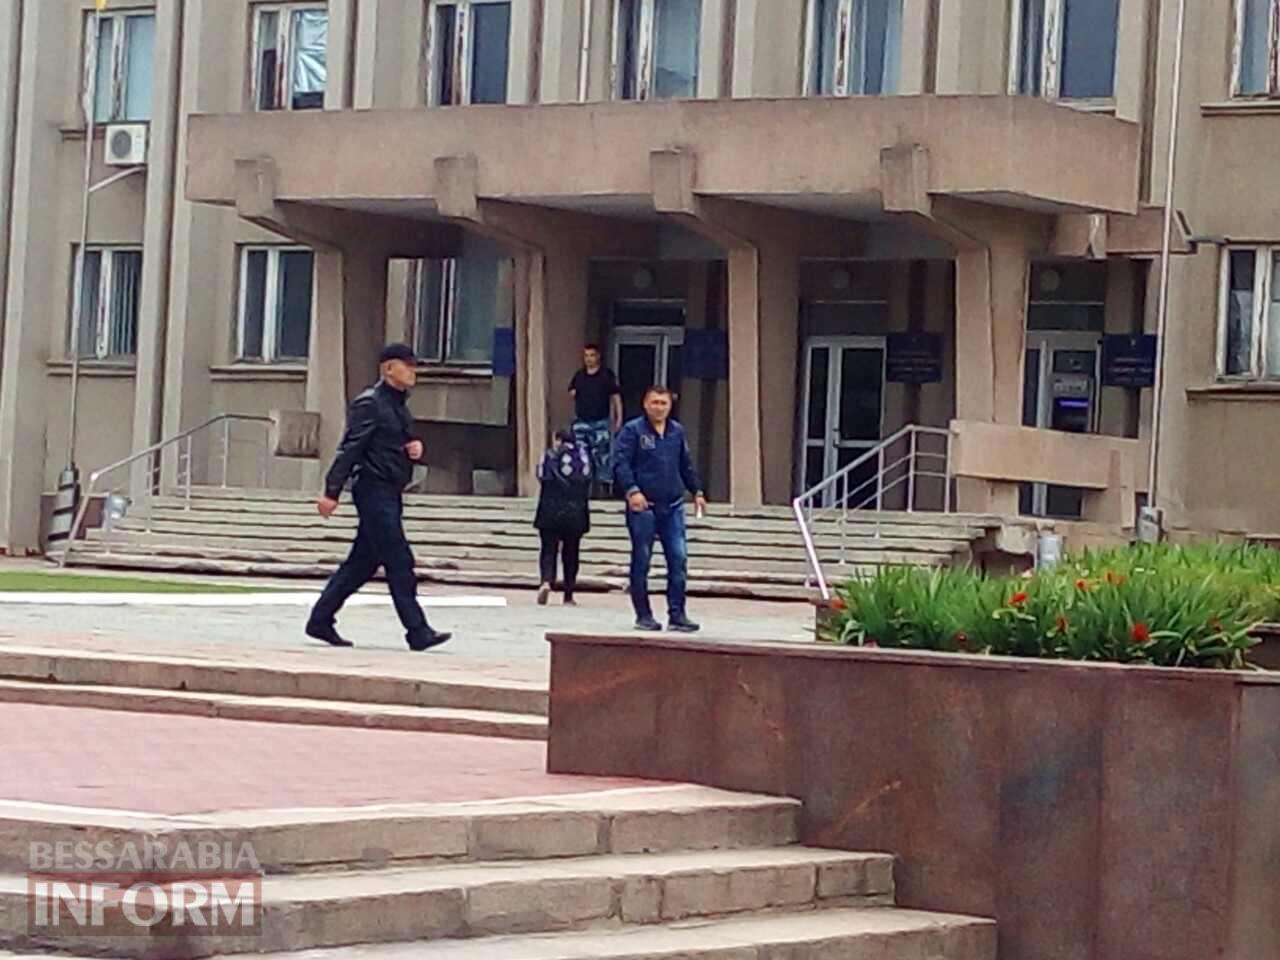 5921577053c6a_346346346 Антитеррористические учения в Измаиле: возле здания городского совета обнаружен подозрительный предмет